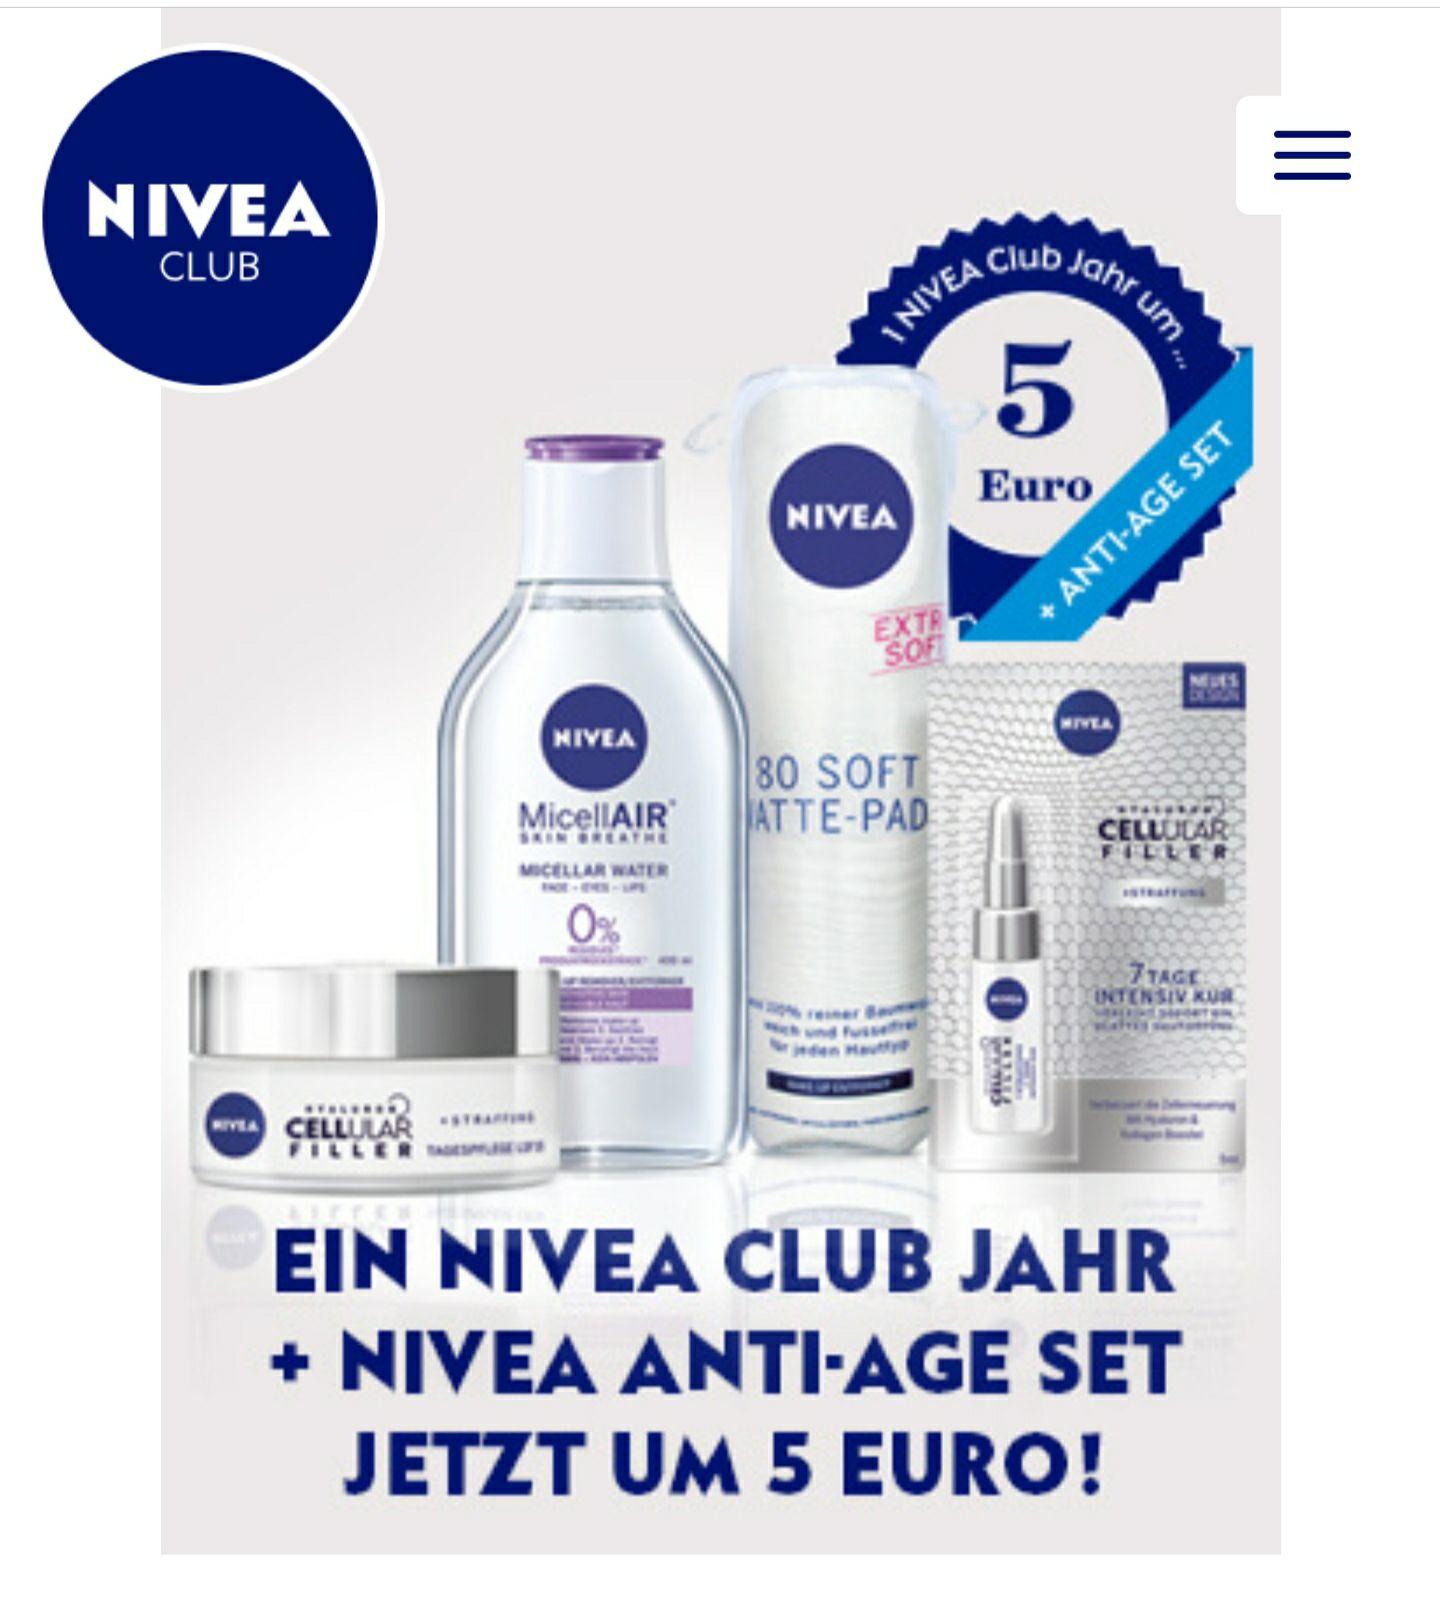 Ein Nivea Club Jahr + Anti-Age Set um 5€